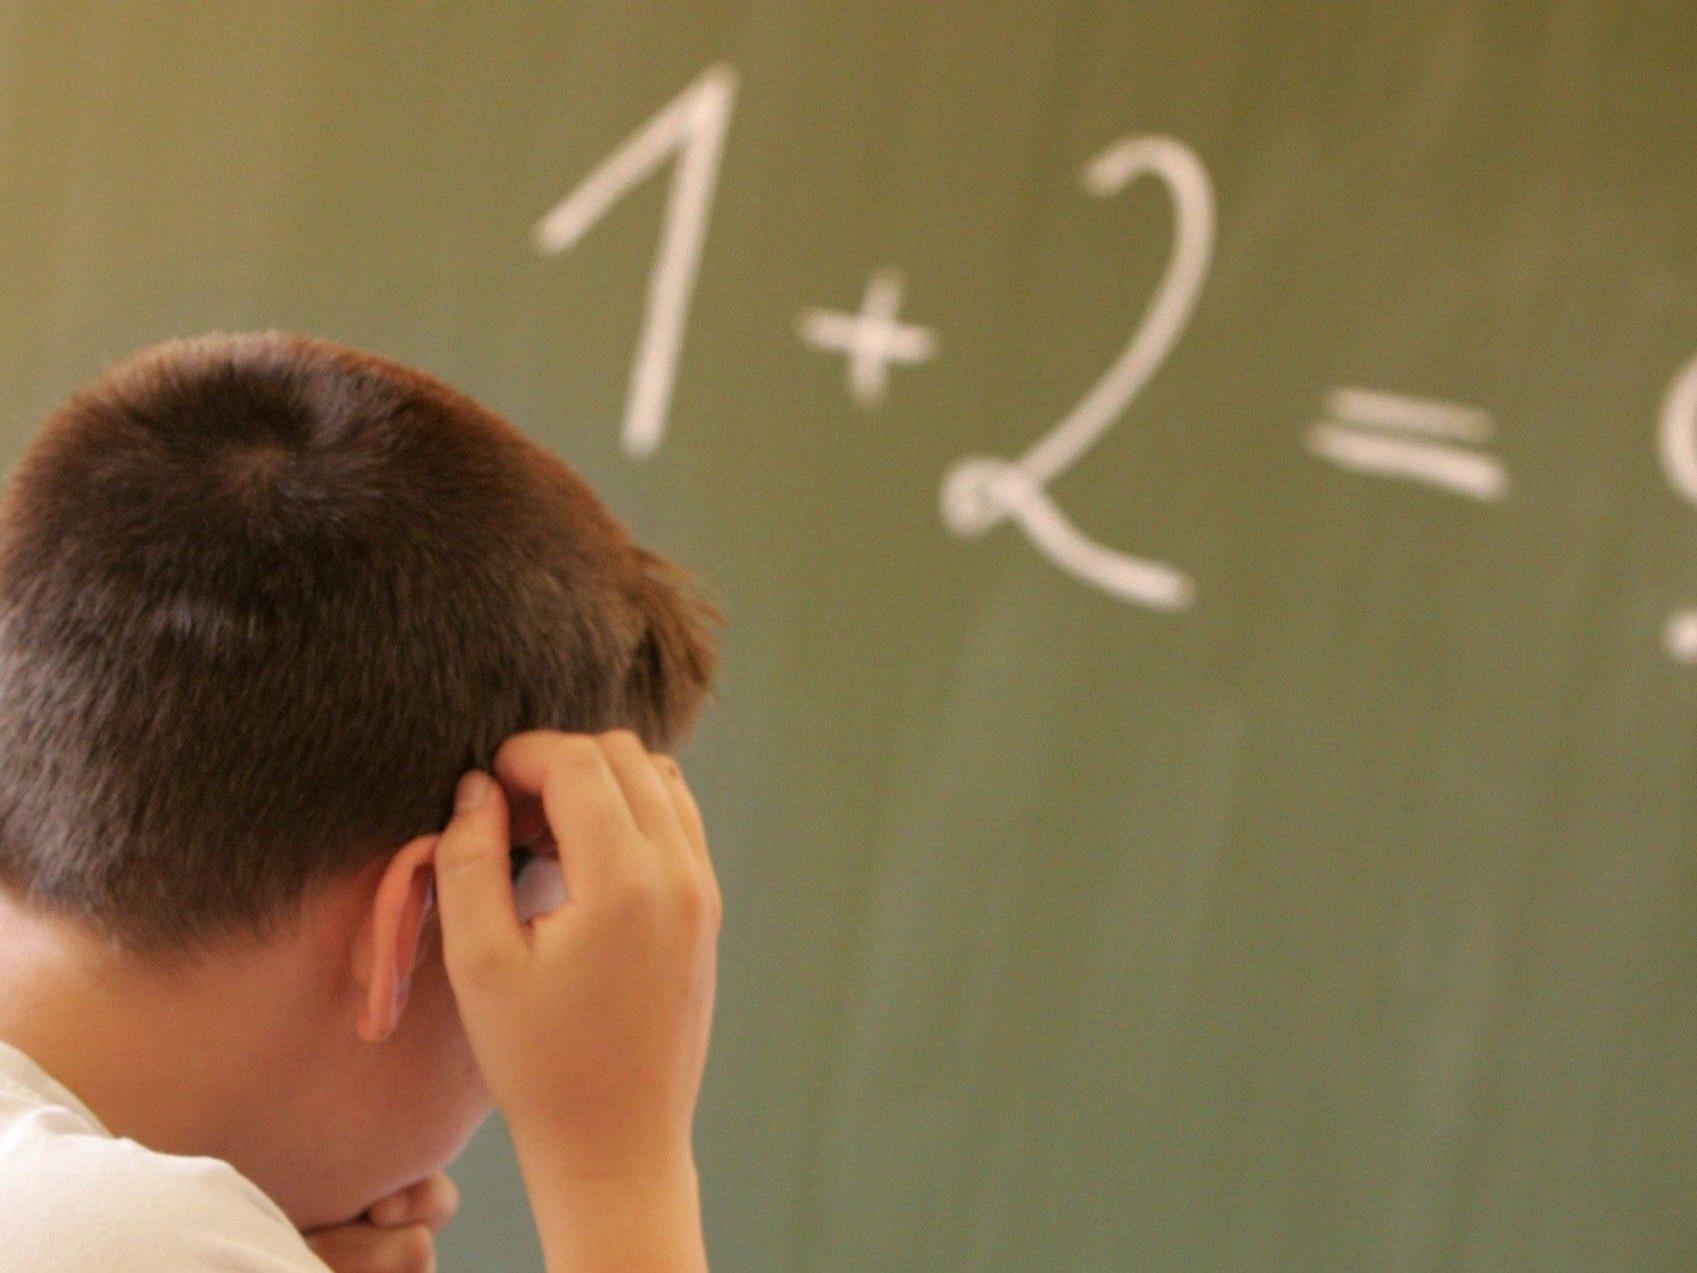 Die große Frage, ob die österreichische Bildungspolitik aufgeht...